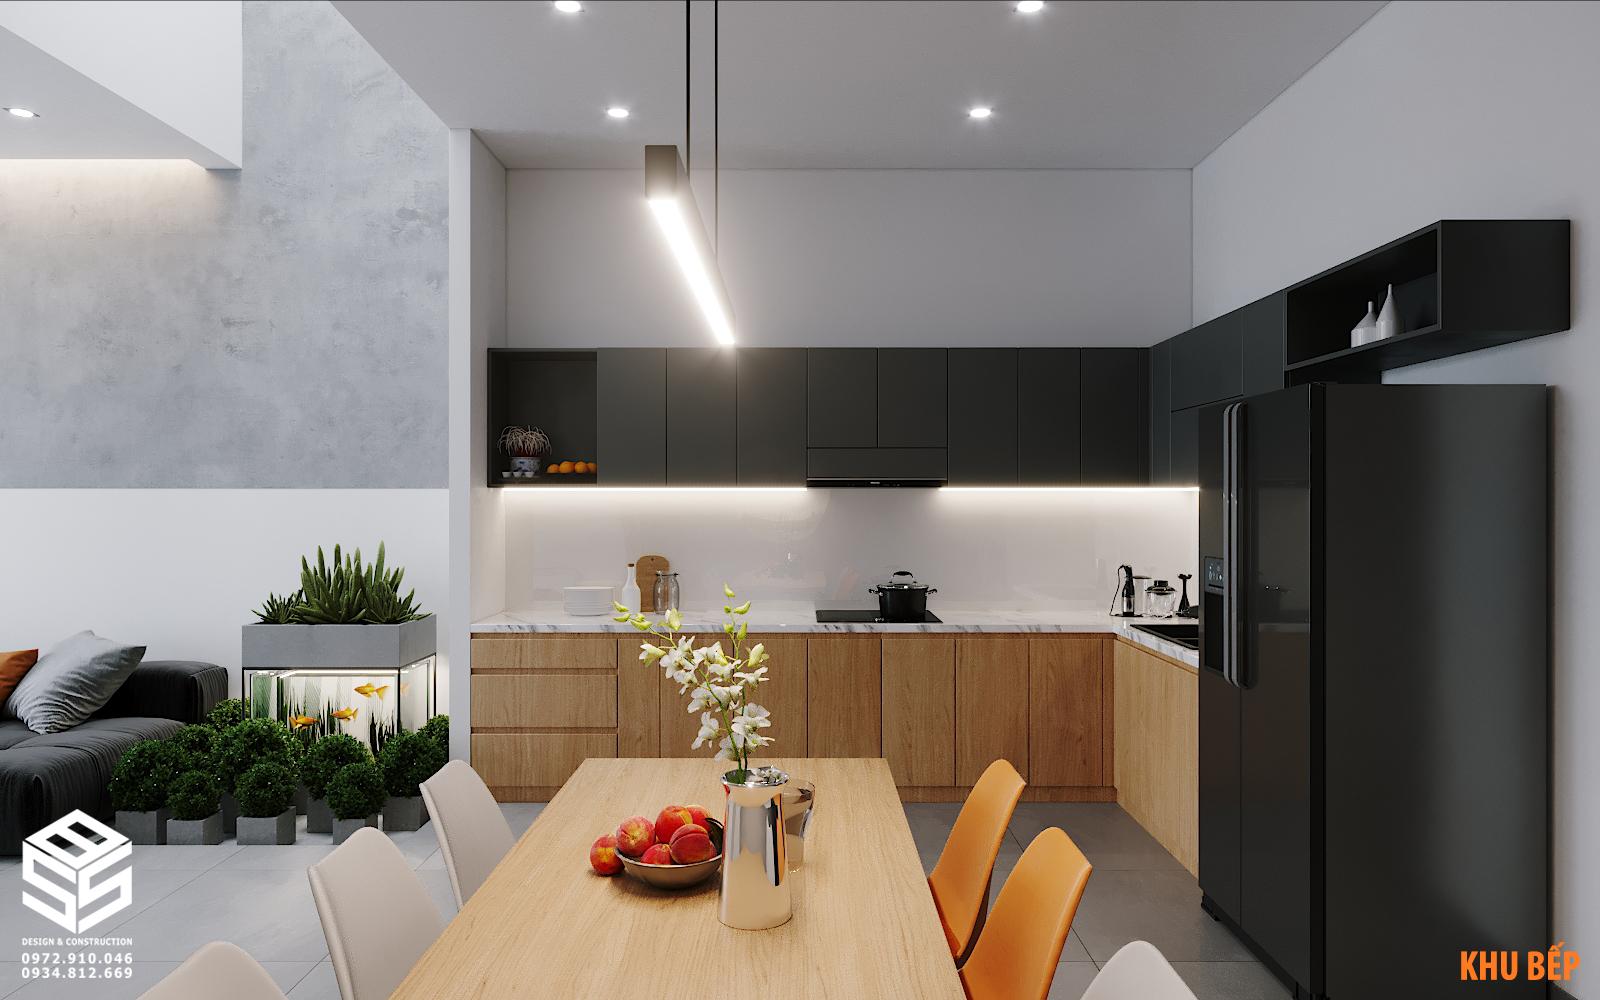 Mẫu phòng bếp đẹp hiện đại sang trọng